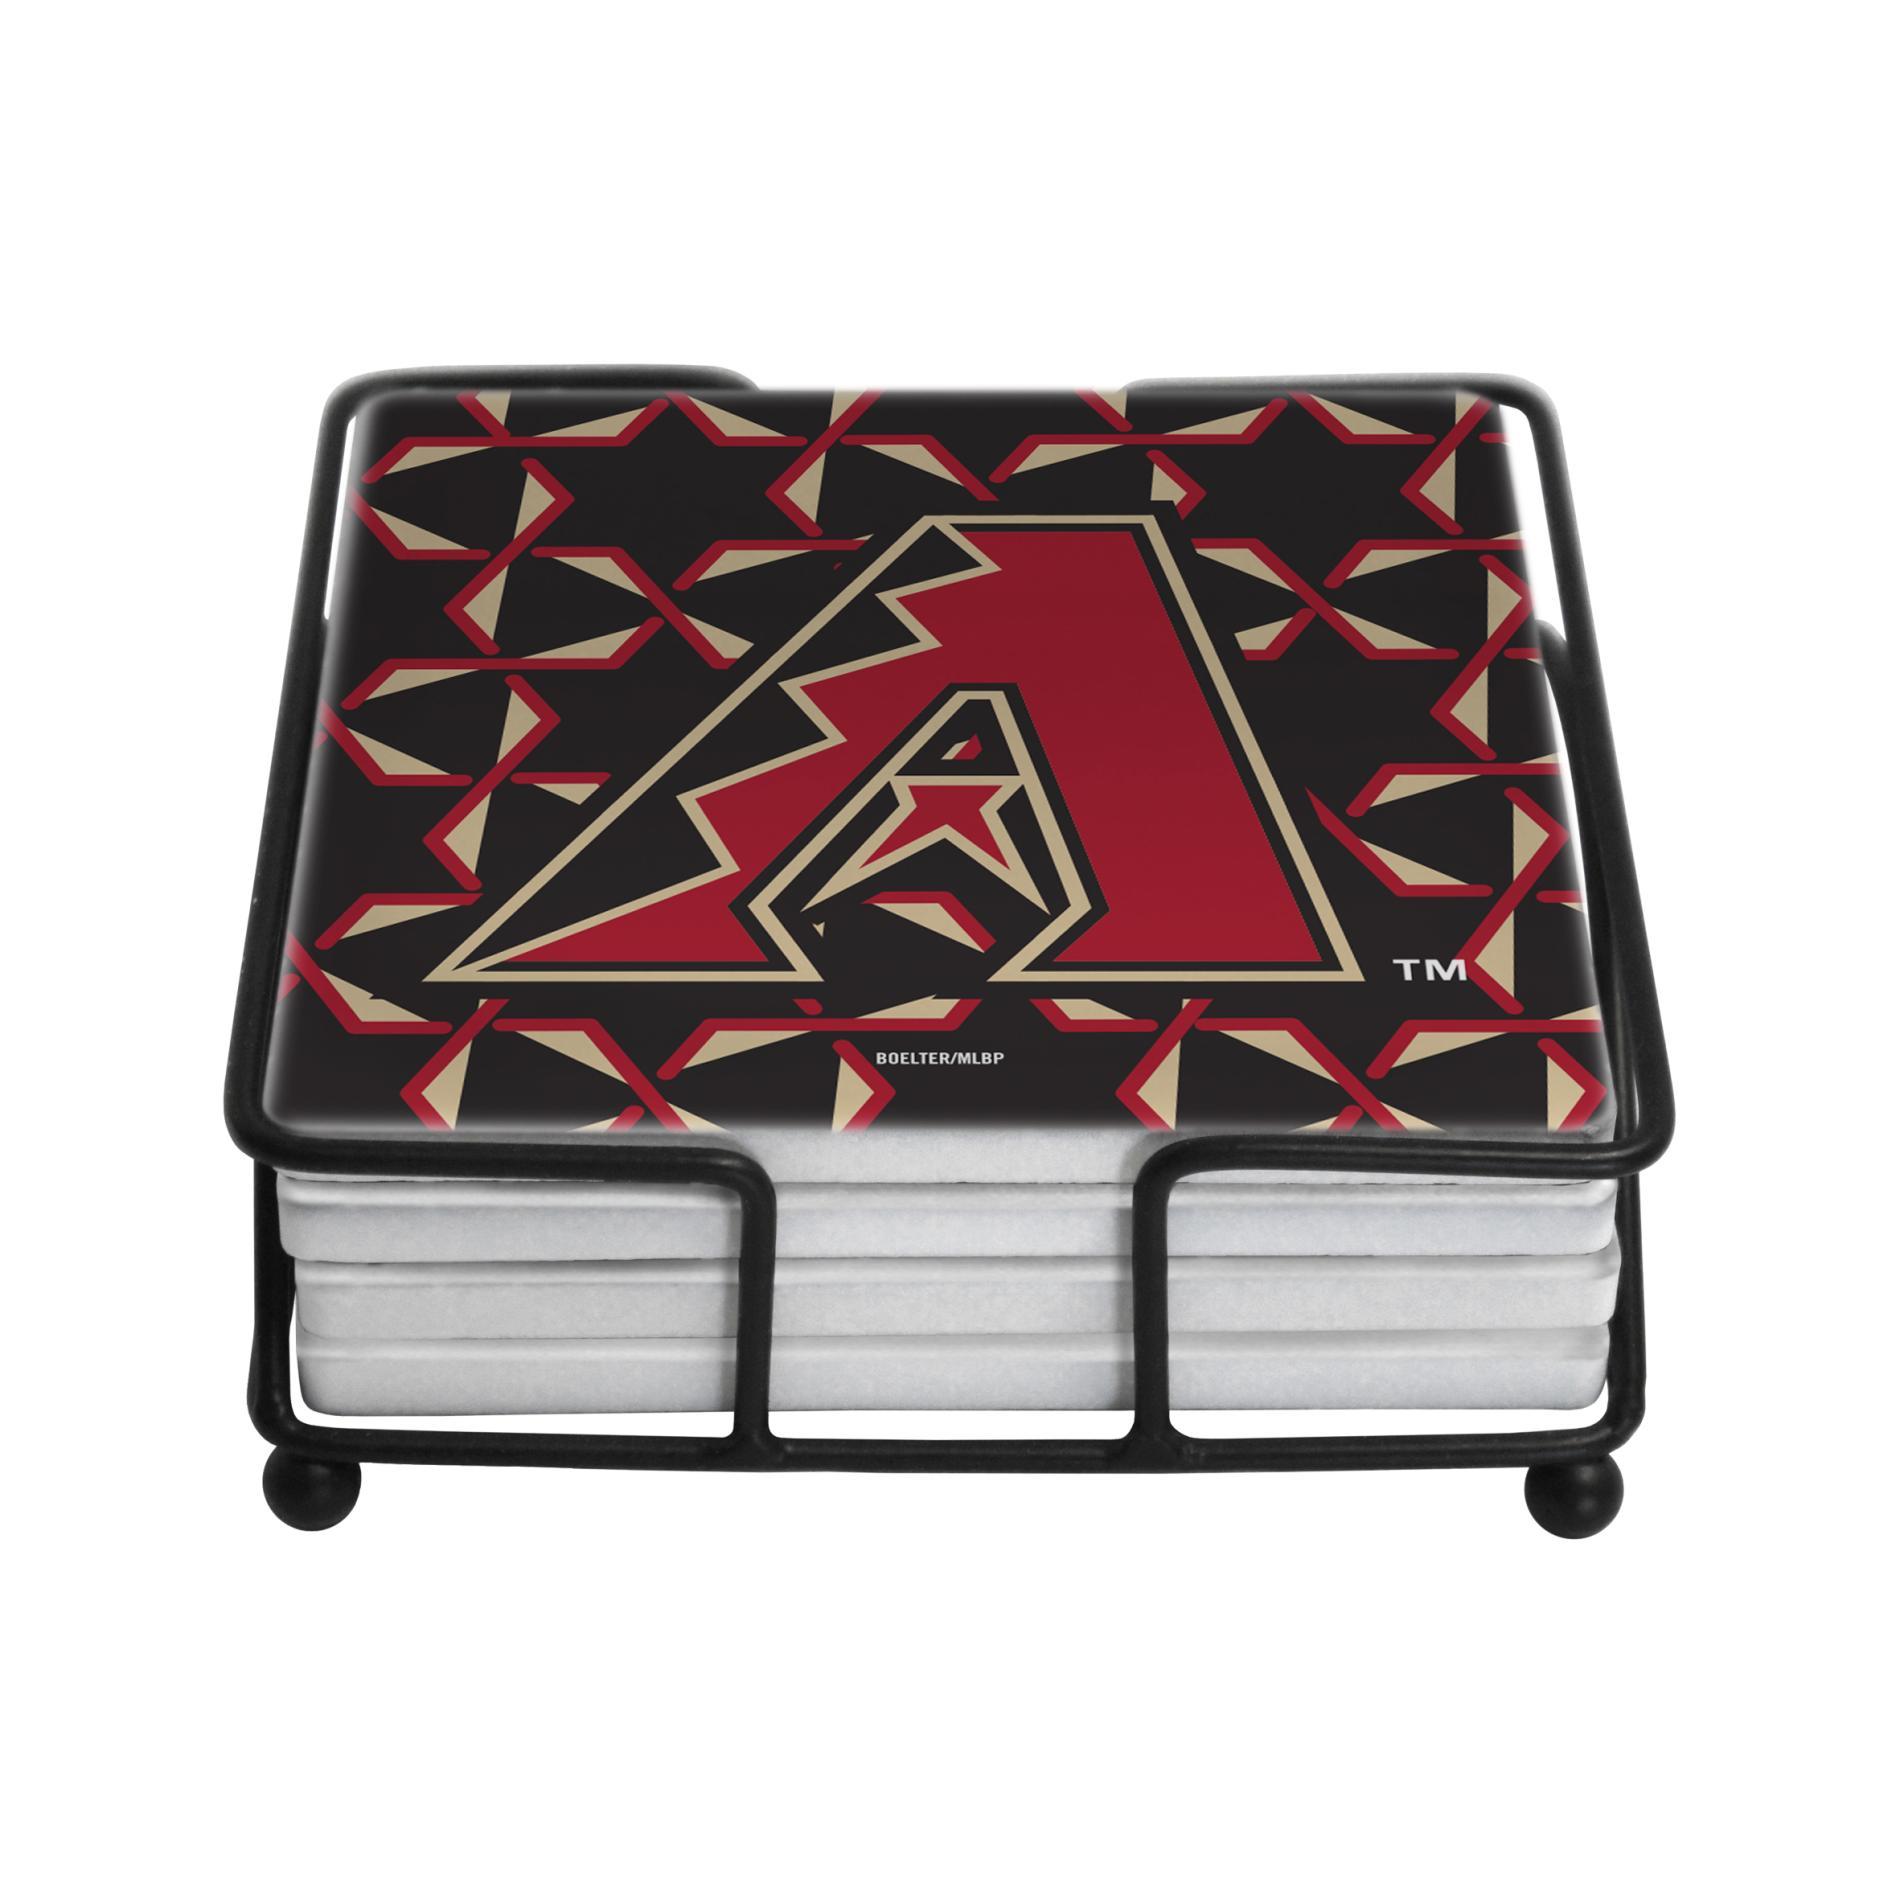 MLB 4-Pack Coasters & Holder - Arizona Diamondbacks, Brown im test